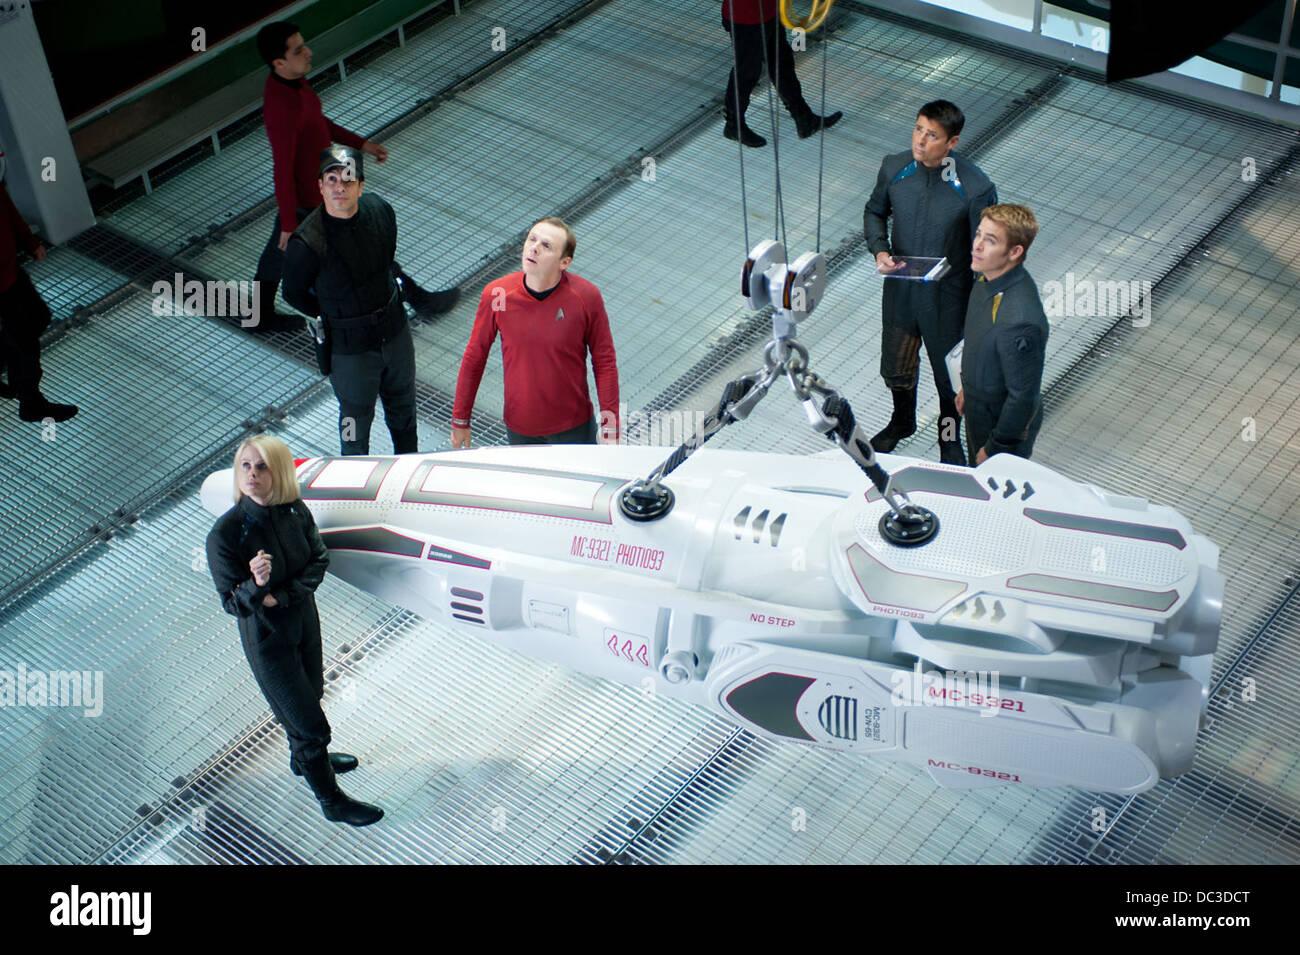 STAR TREK INTO DARKNESS (2013) ALICE EVE, SIMON PEGG, CHRIS PINE J J ABRAMS (DIR) 018 MOVIESTORE COLLECTION LTD - Stock Image